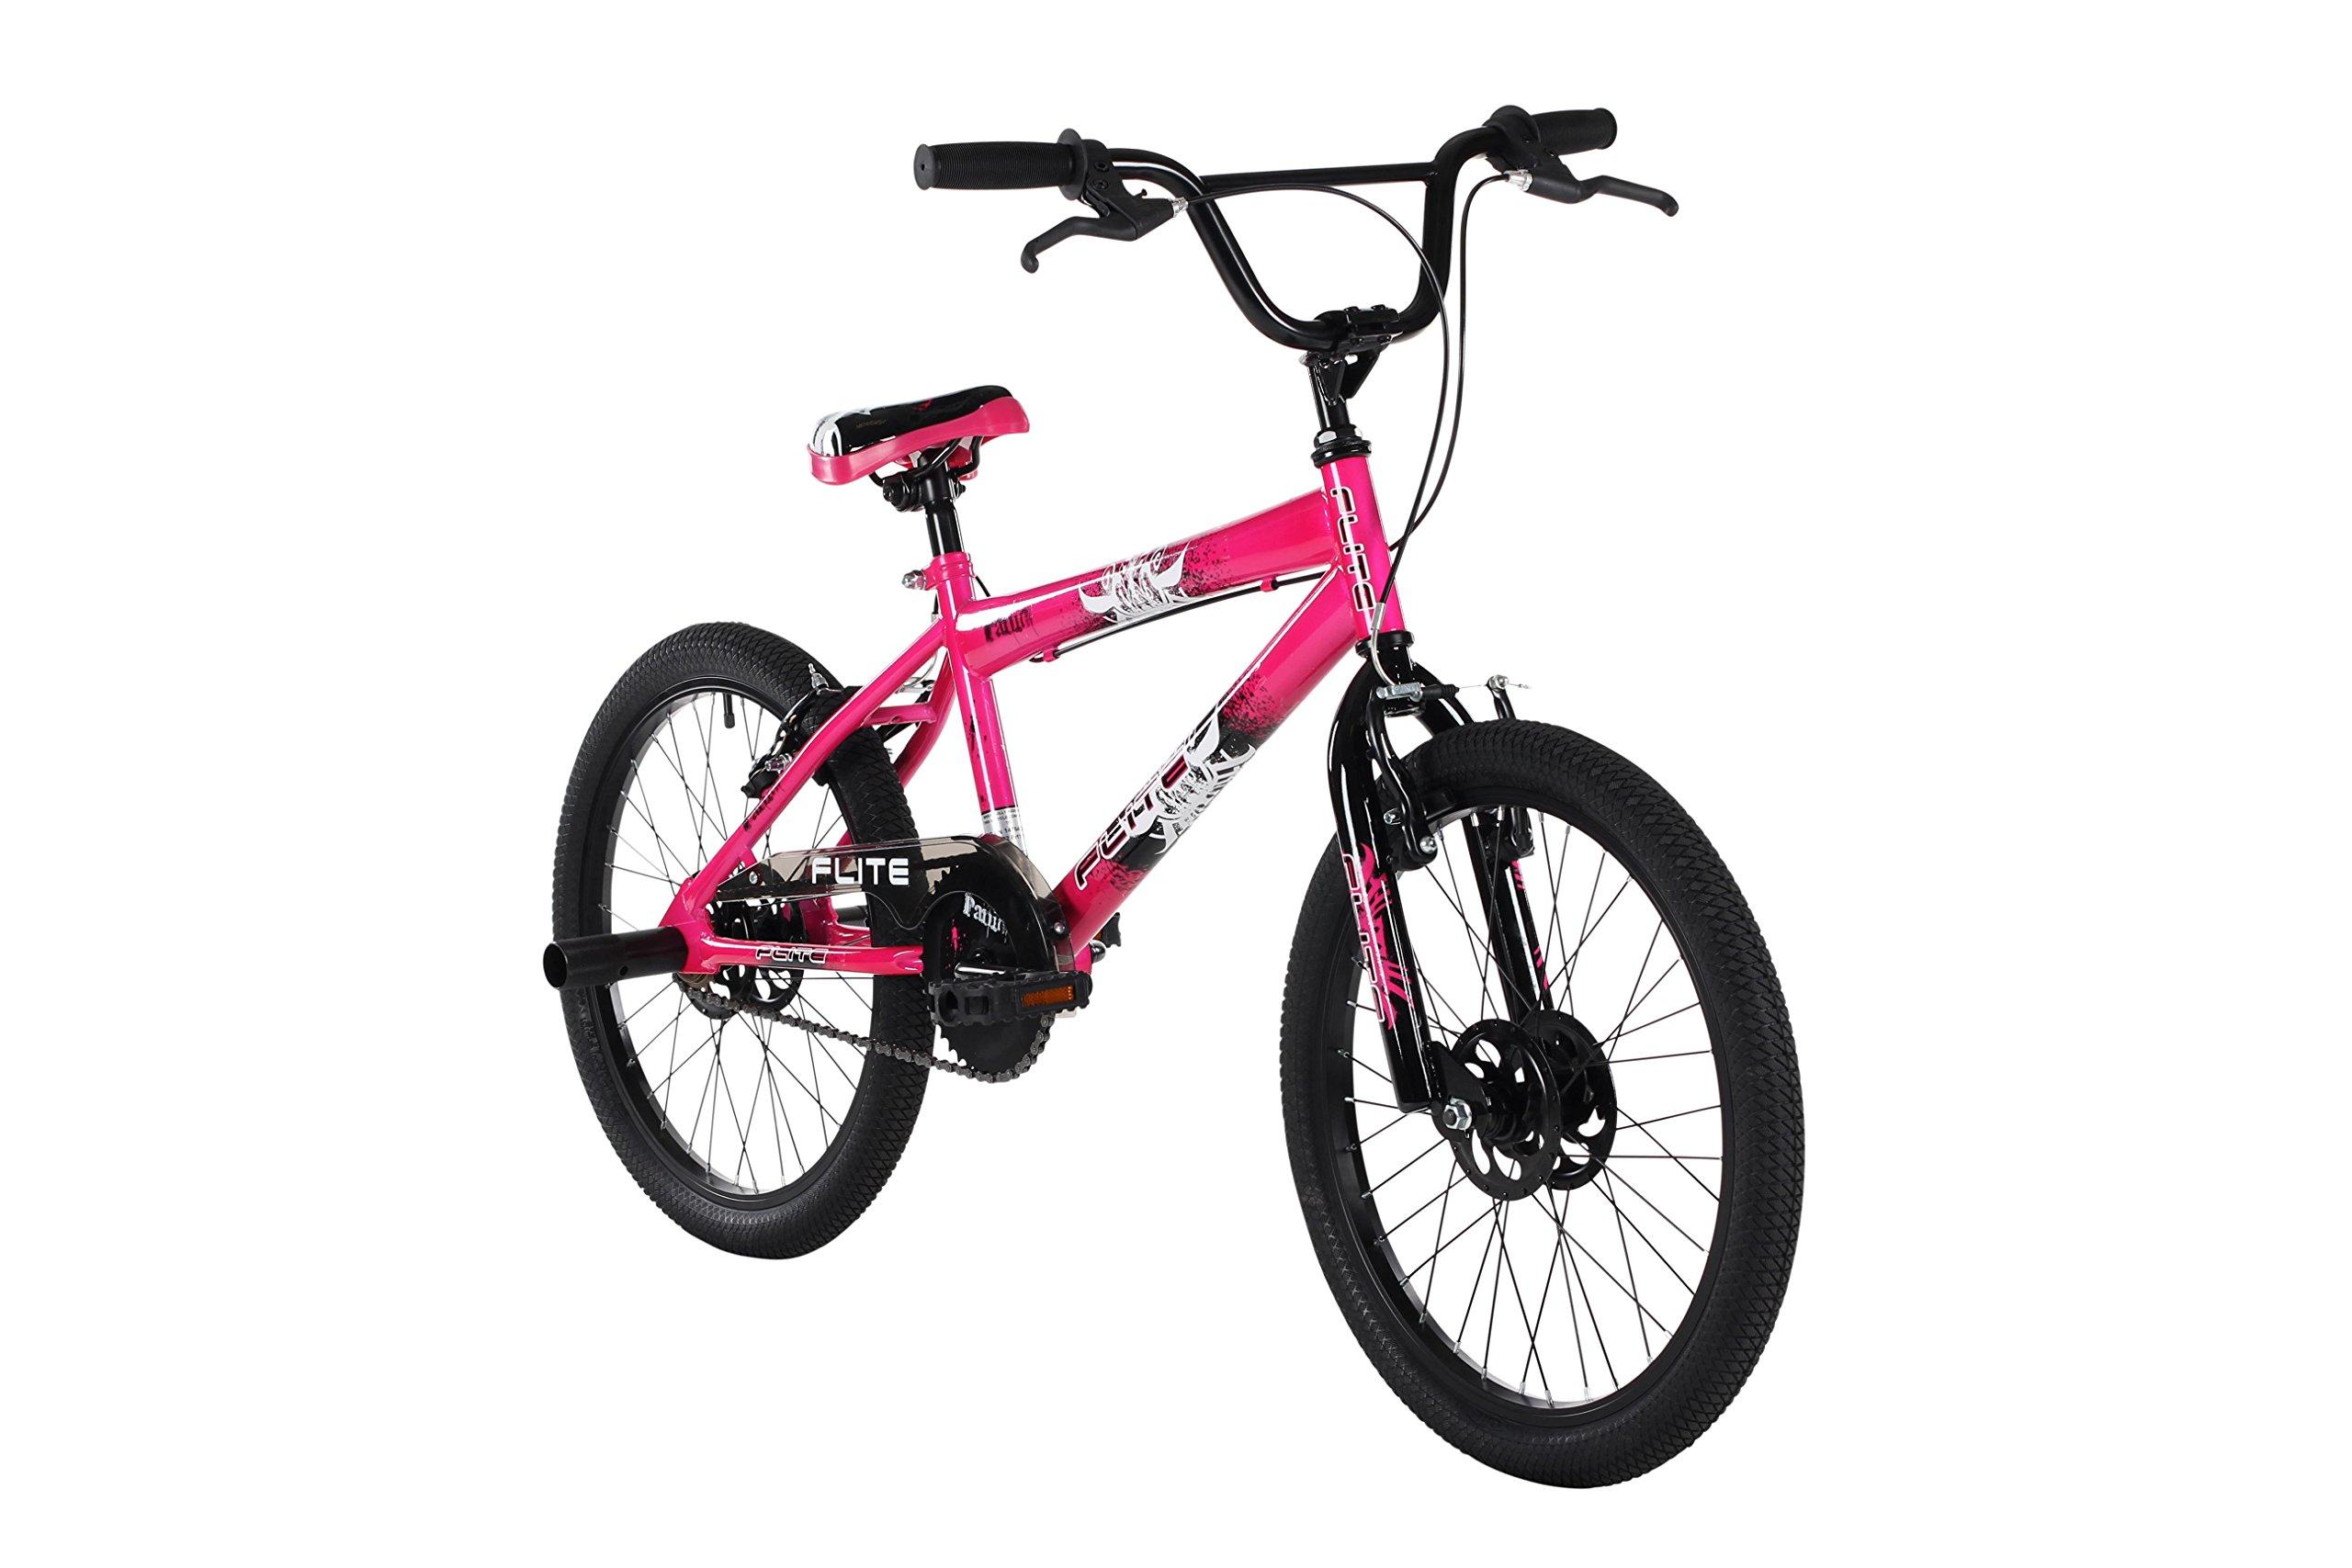 Flite FL019 - Bicileta BMX, 7 a 14 Years, Color Rojo: Amazon.es: Deportes y aire libre